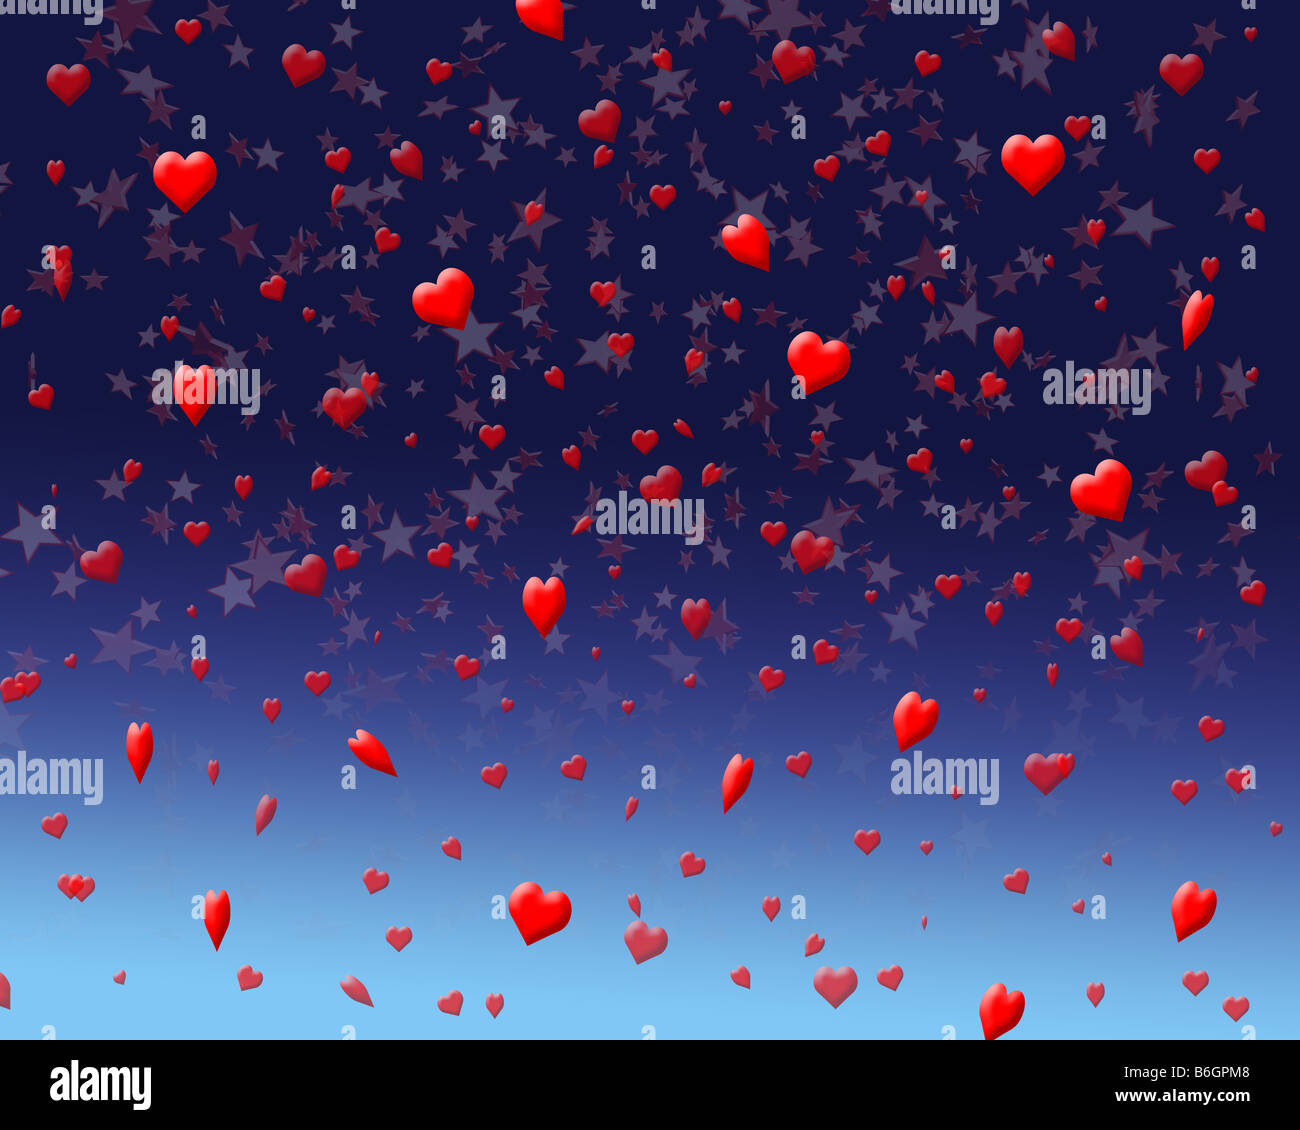 Ilustración de una noche de fiesta con corazón y estrella confeti Imagen De Stock